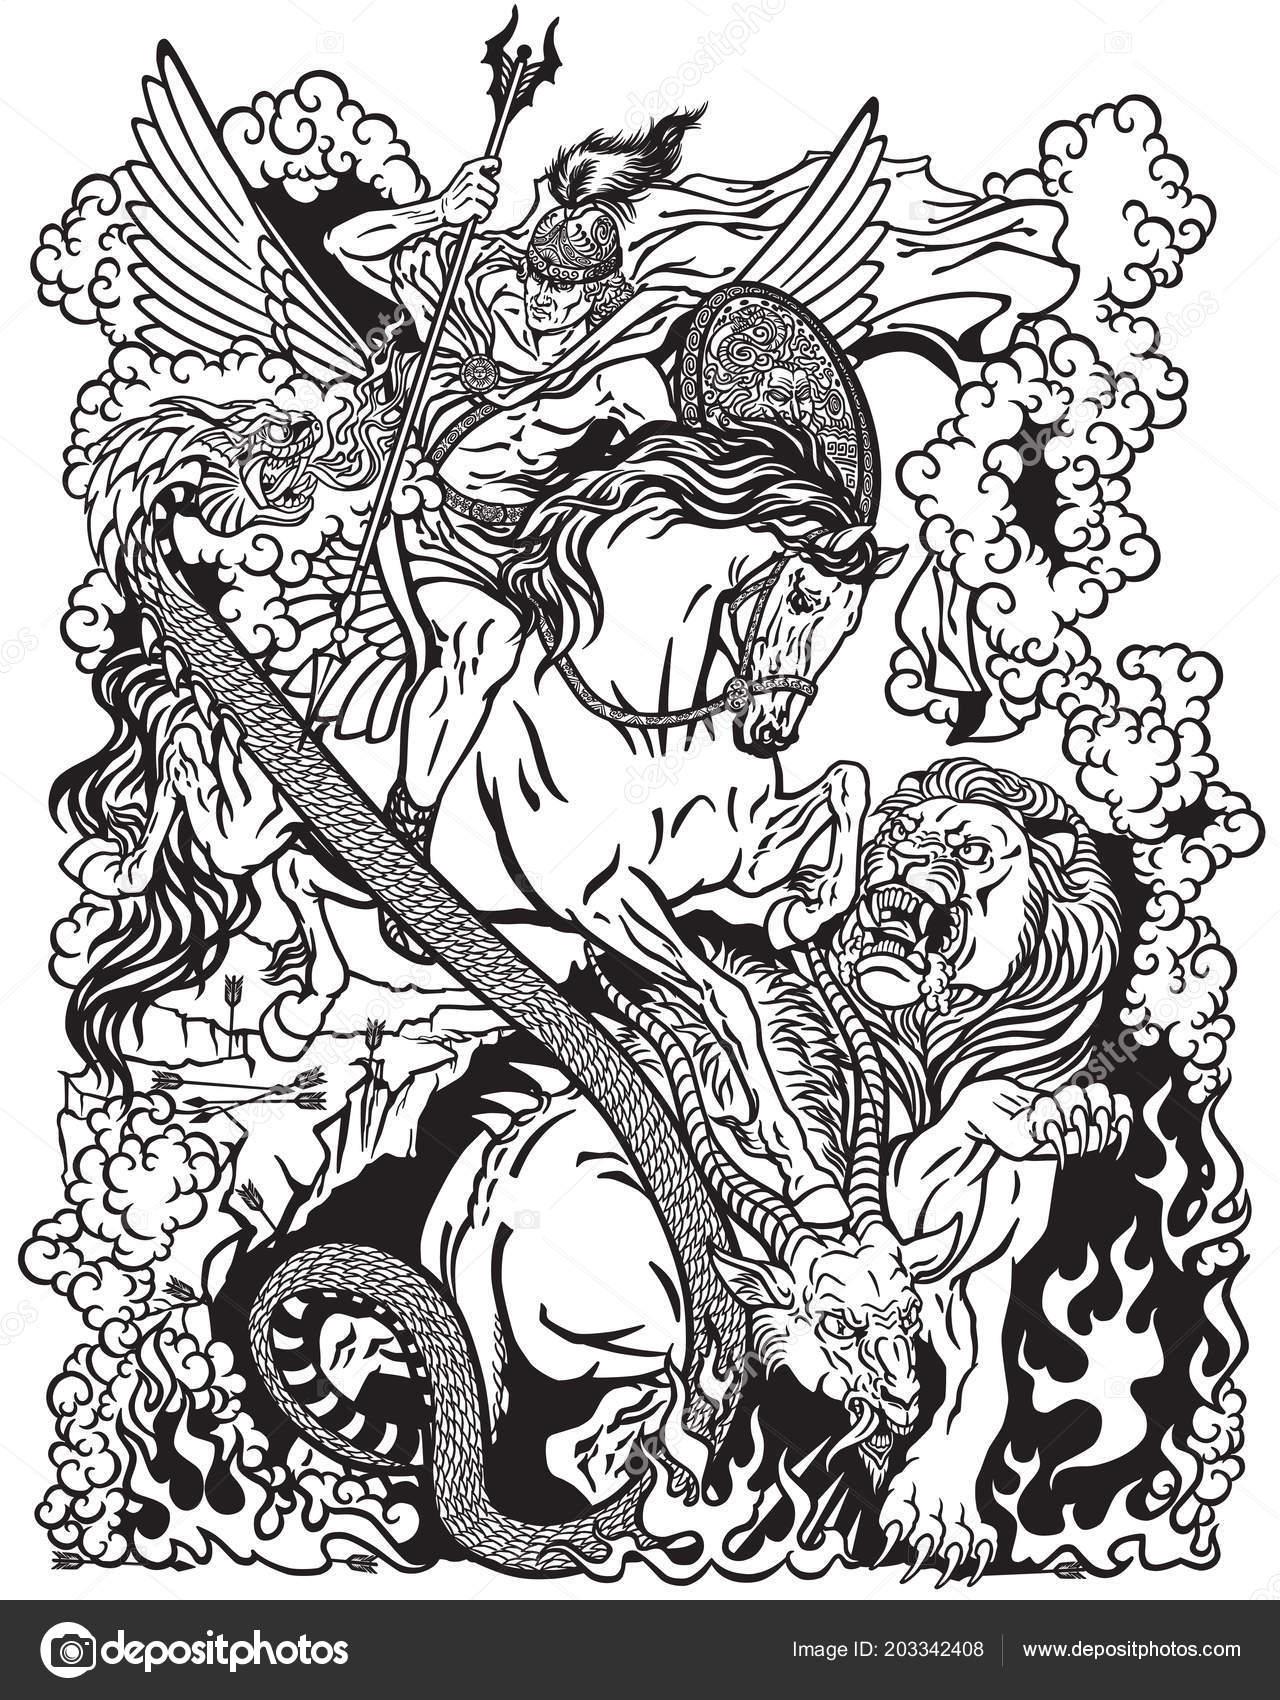 Pegaso Cavallo Alato Disegno.Vettore Pegaso Cavallo Alato Disegno Eroe Mitologico